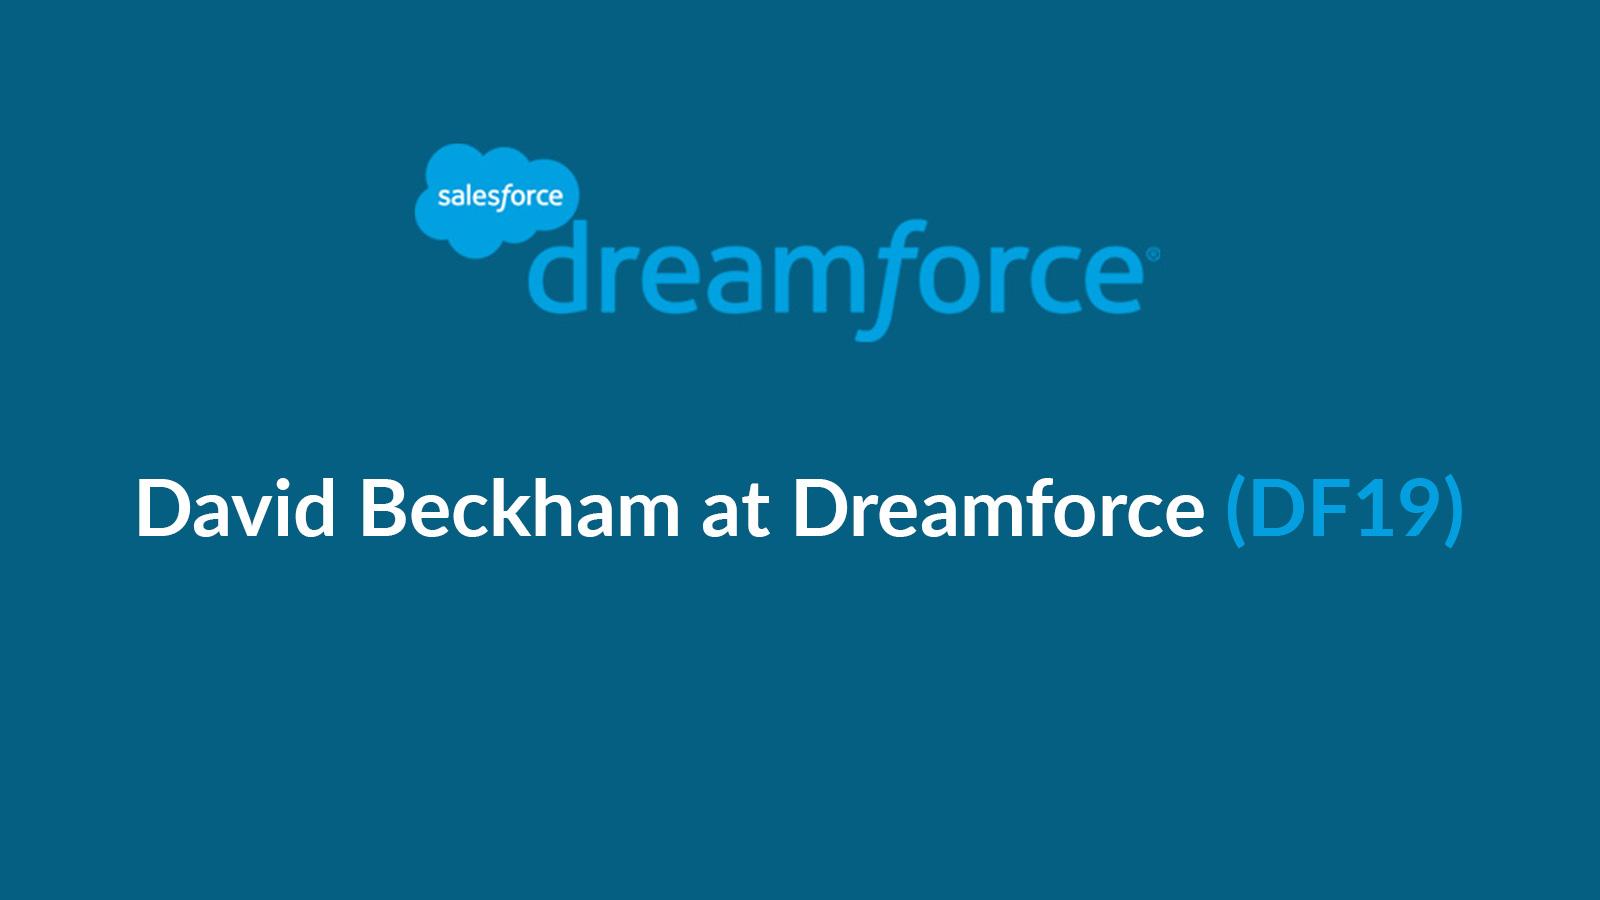 David Beckham Joins Salesforce Dreamforce (#DF19) as a Speaker - MarTech Series